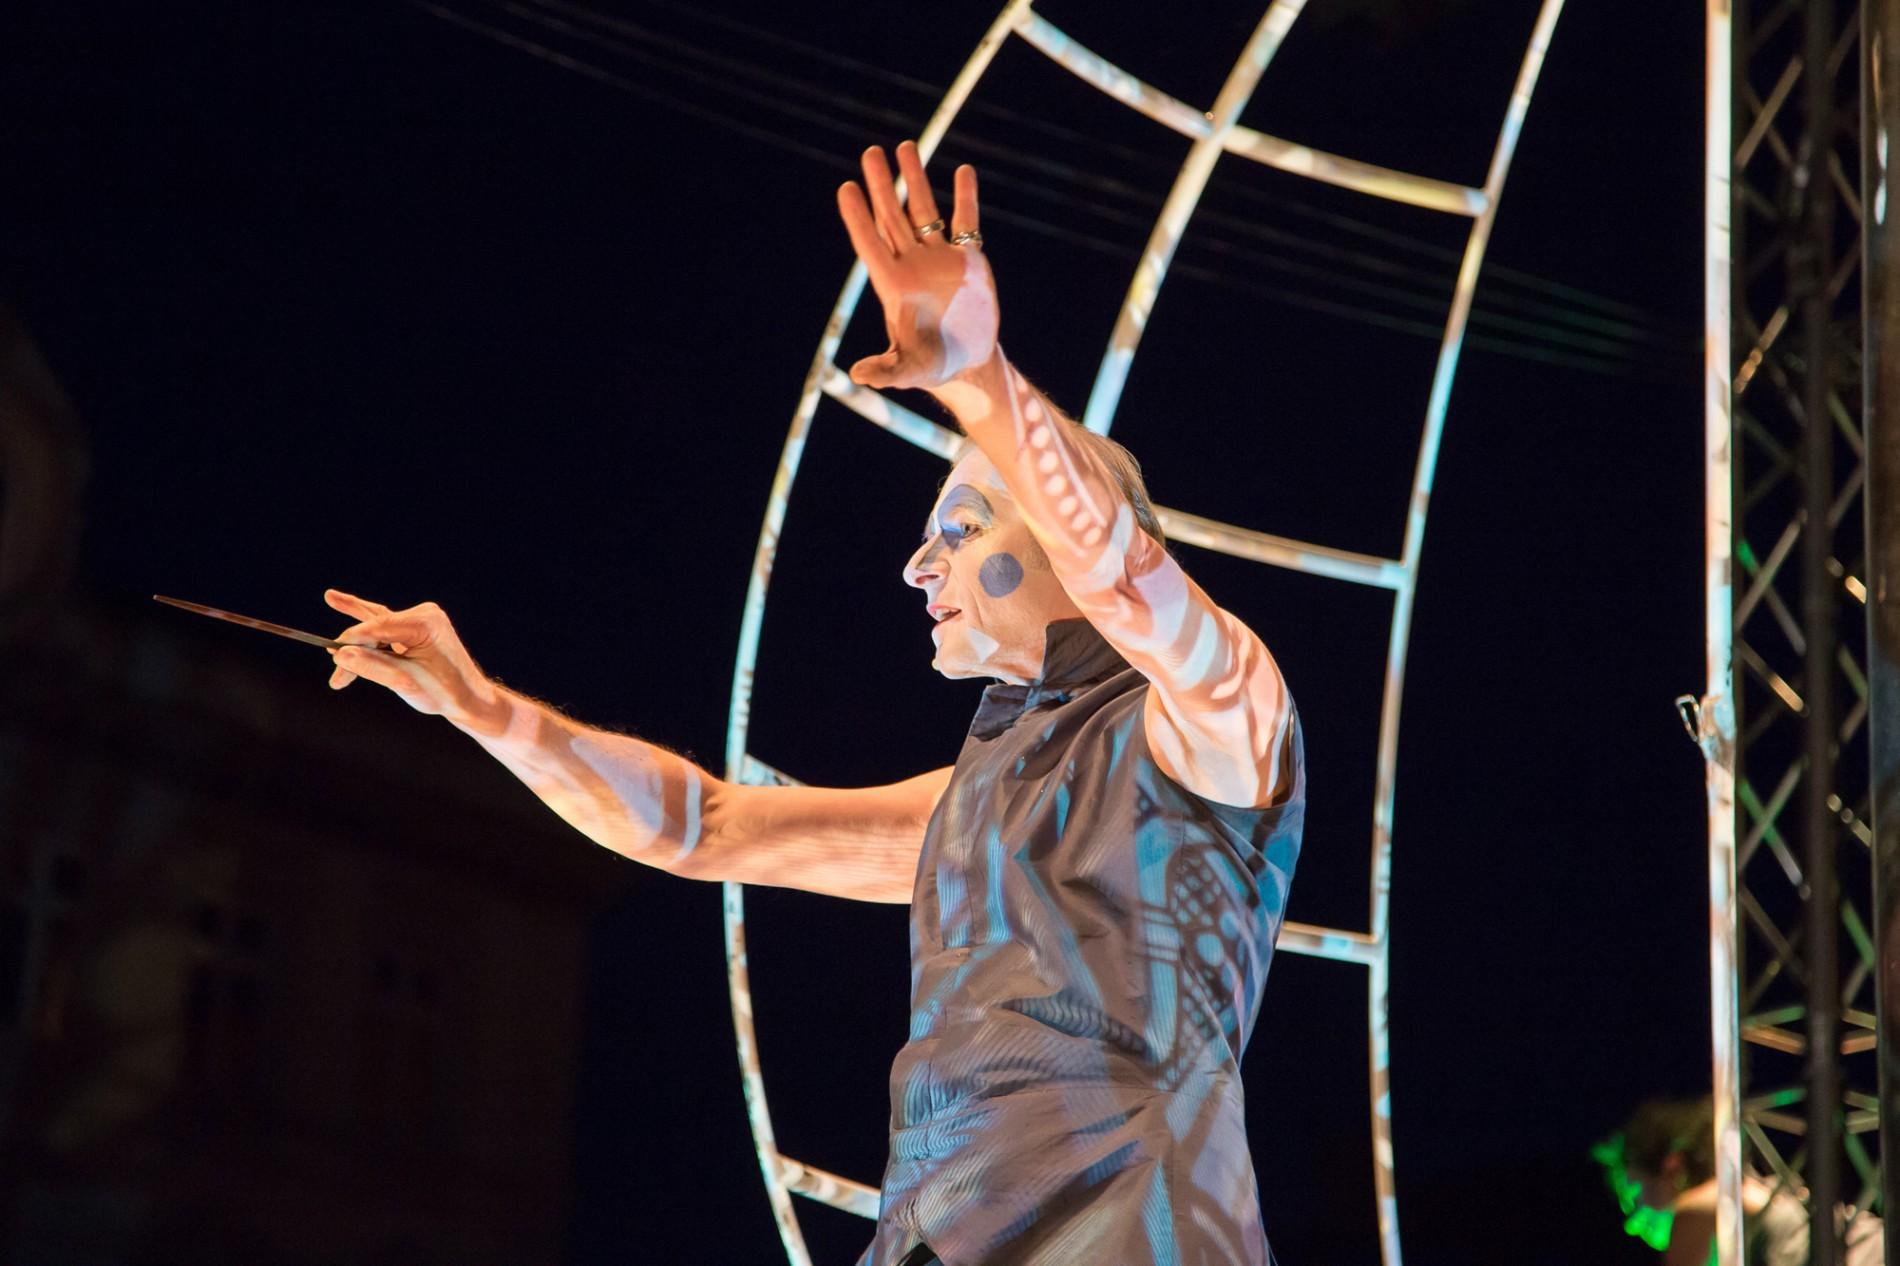 Shakespeare, Tempest, Sturm, Naumburg, PAN.OPTIKUM, Straßentheater, Michael Schmitter, Prospero